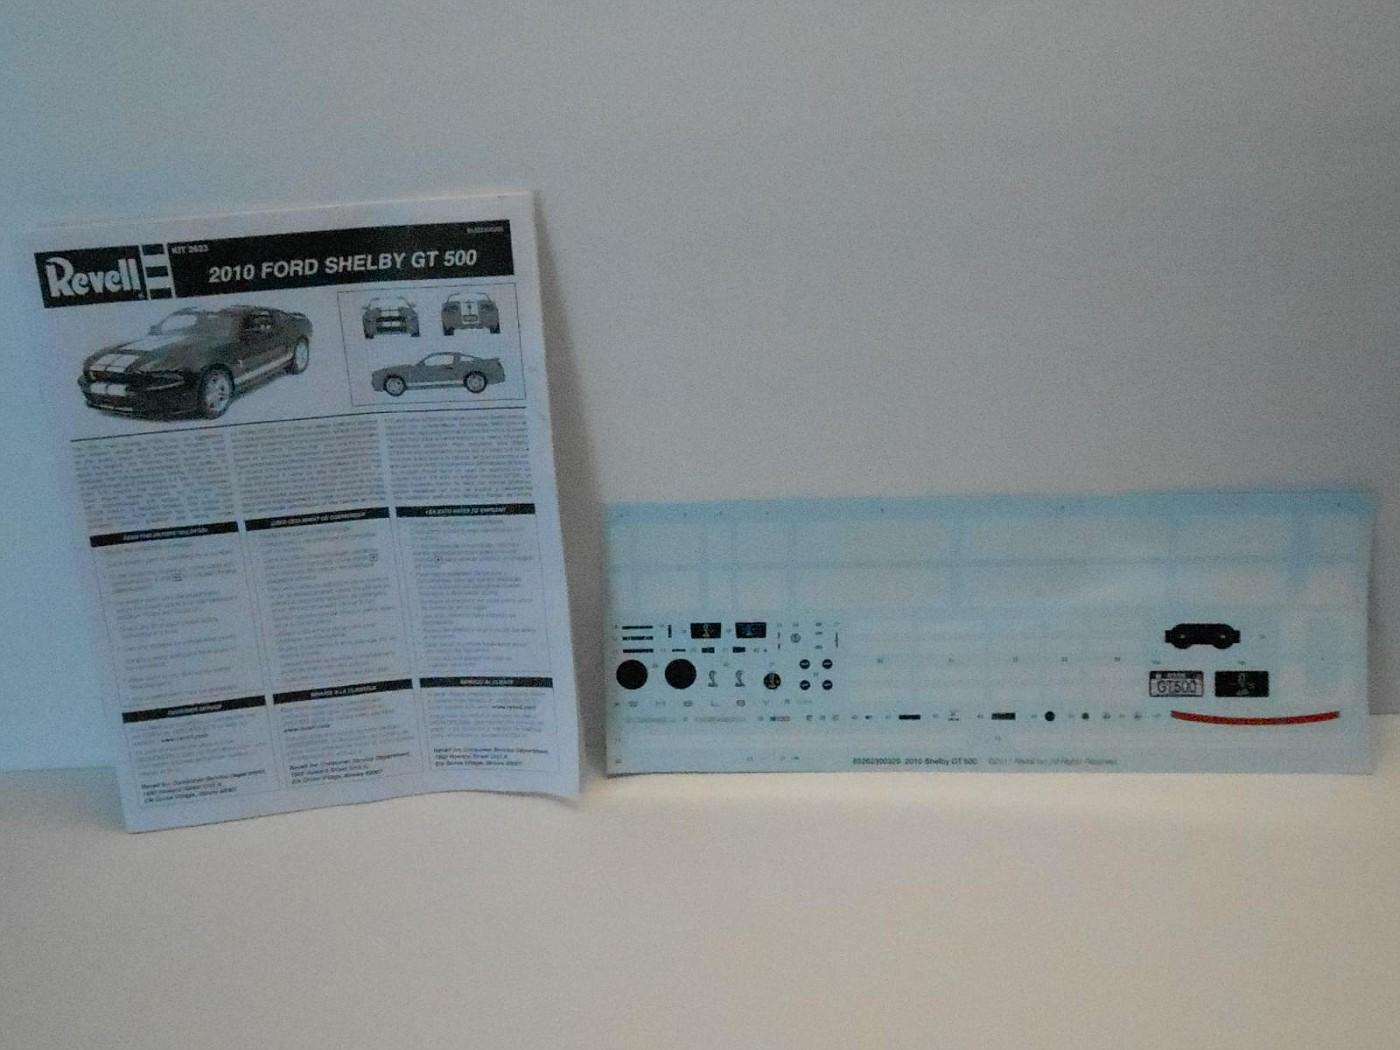 2010 SHELBY GT-500 REVELL 1:12 DSCN0114-vi